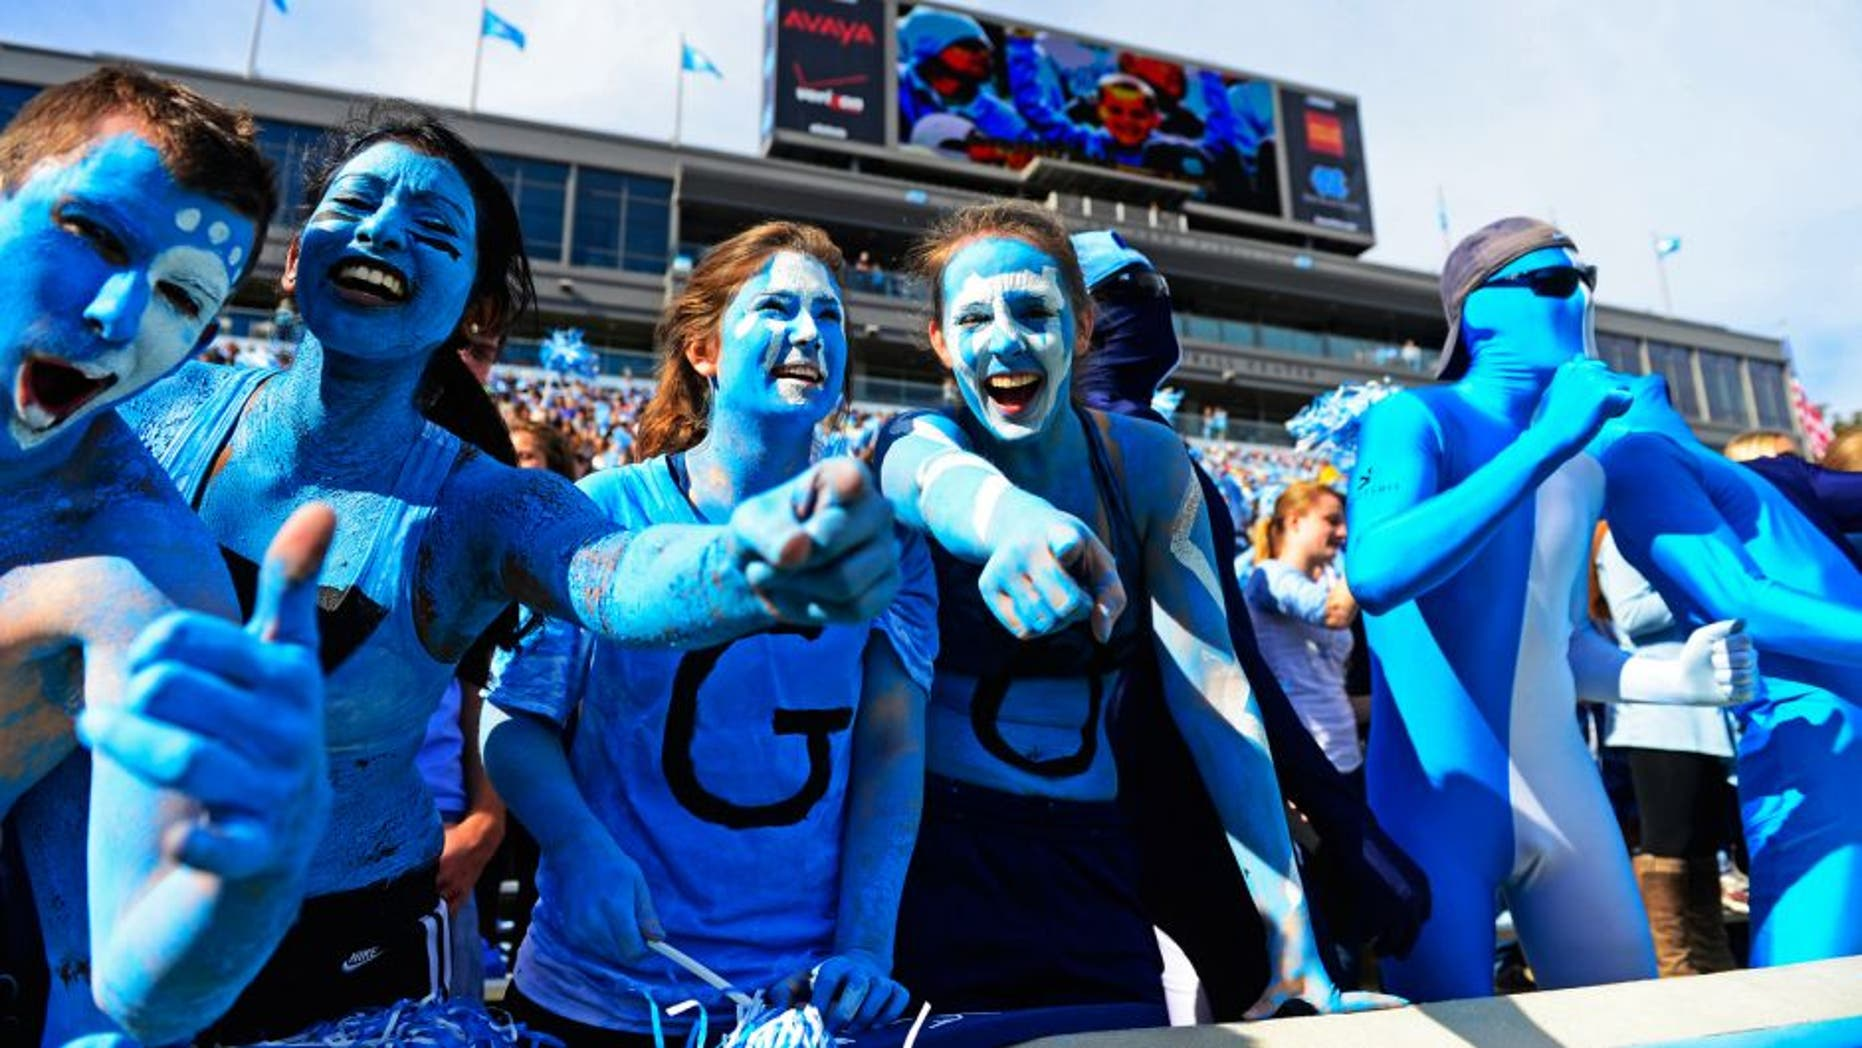 Nov 9, 2013; Chapel Hill, NC, USA; North Carolina Tar Heels fans react in the first quarter at Kenan Memorial Stadium. Mandatory Credit: Bob Donnan-USA TODAY Sports